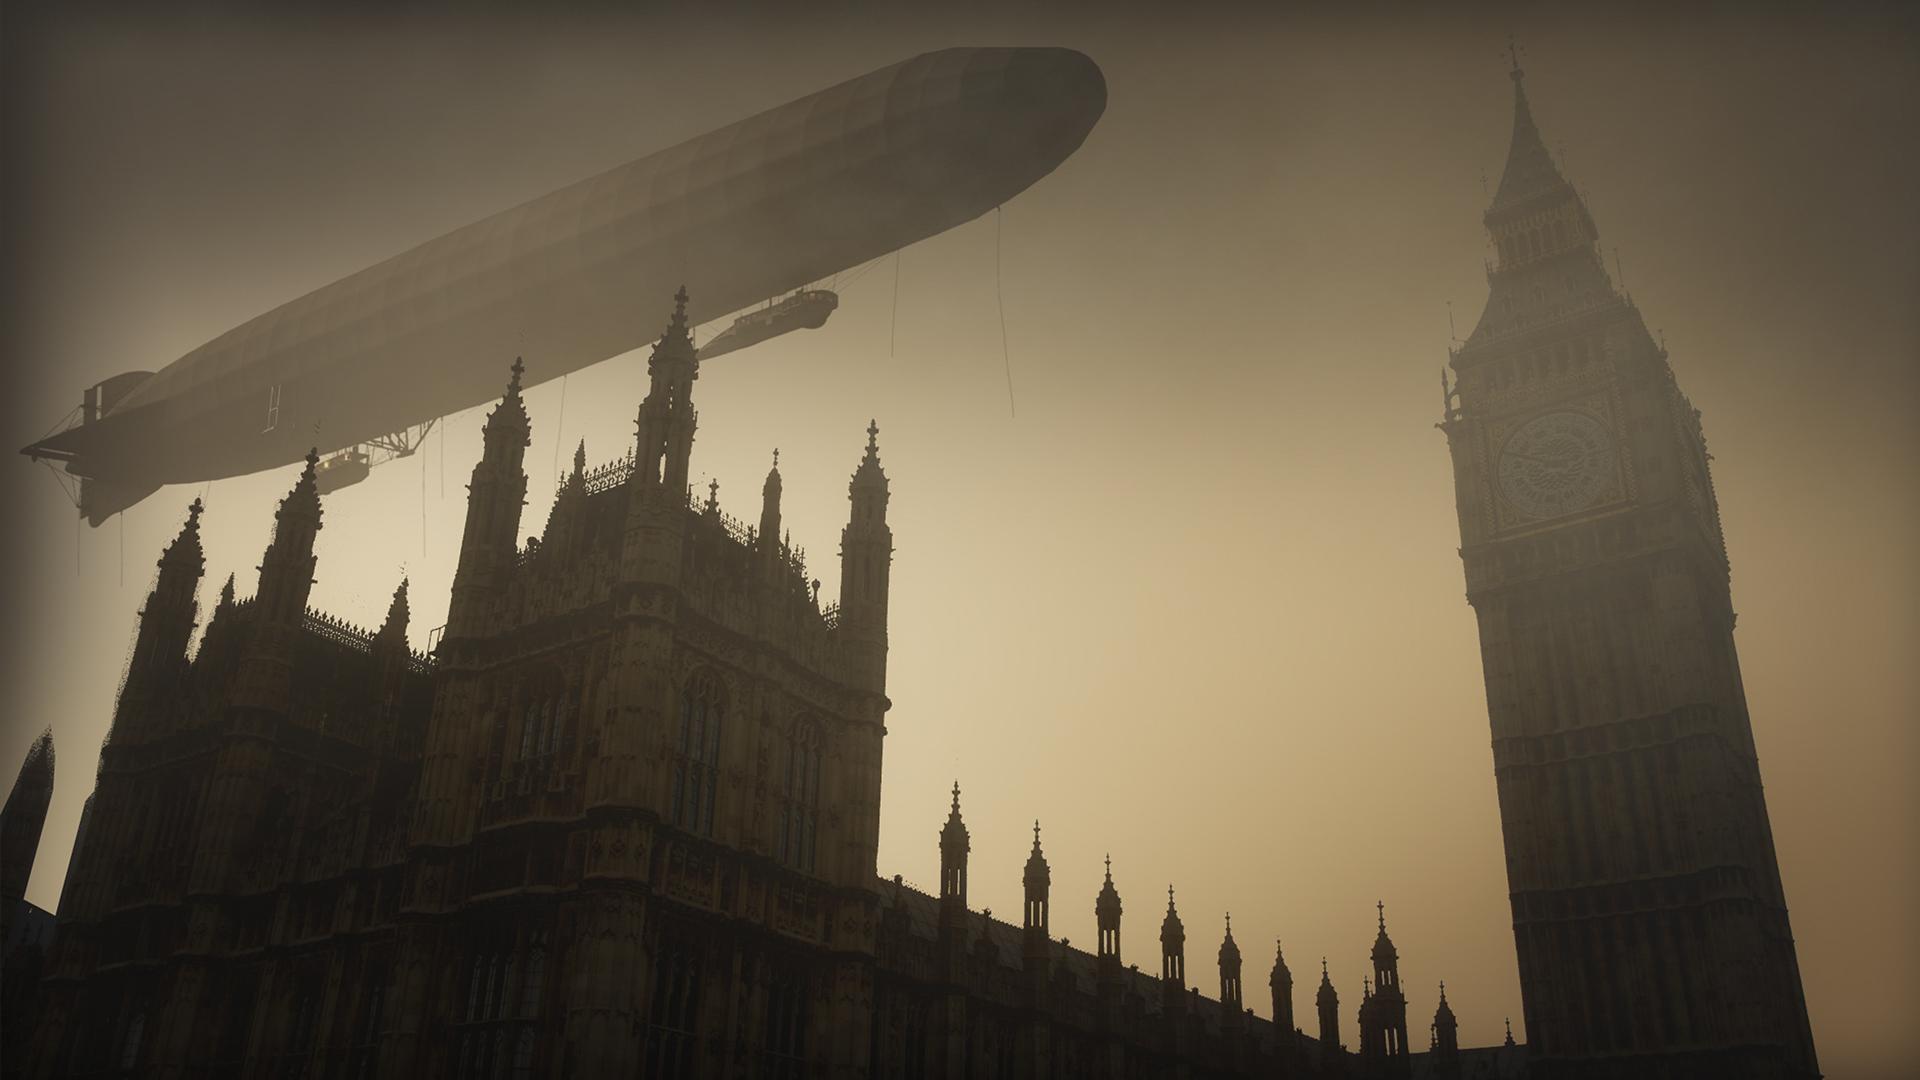 Zeppelin Terror Attack Hero